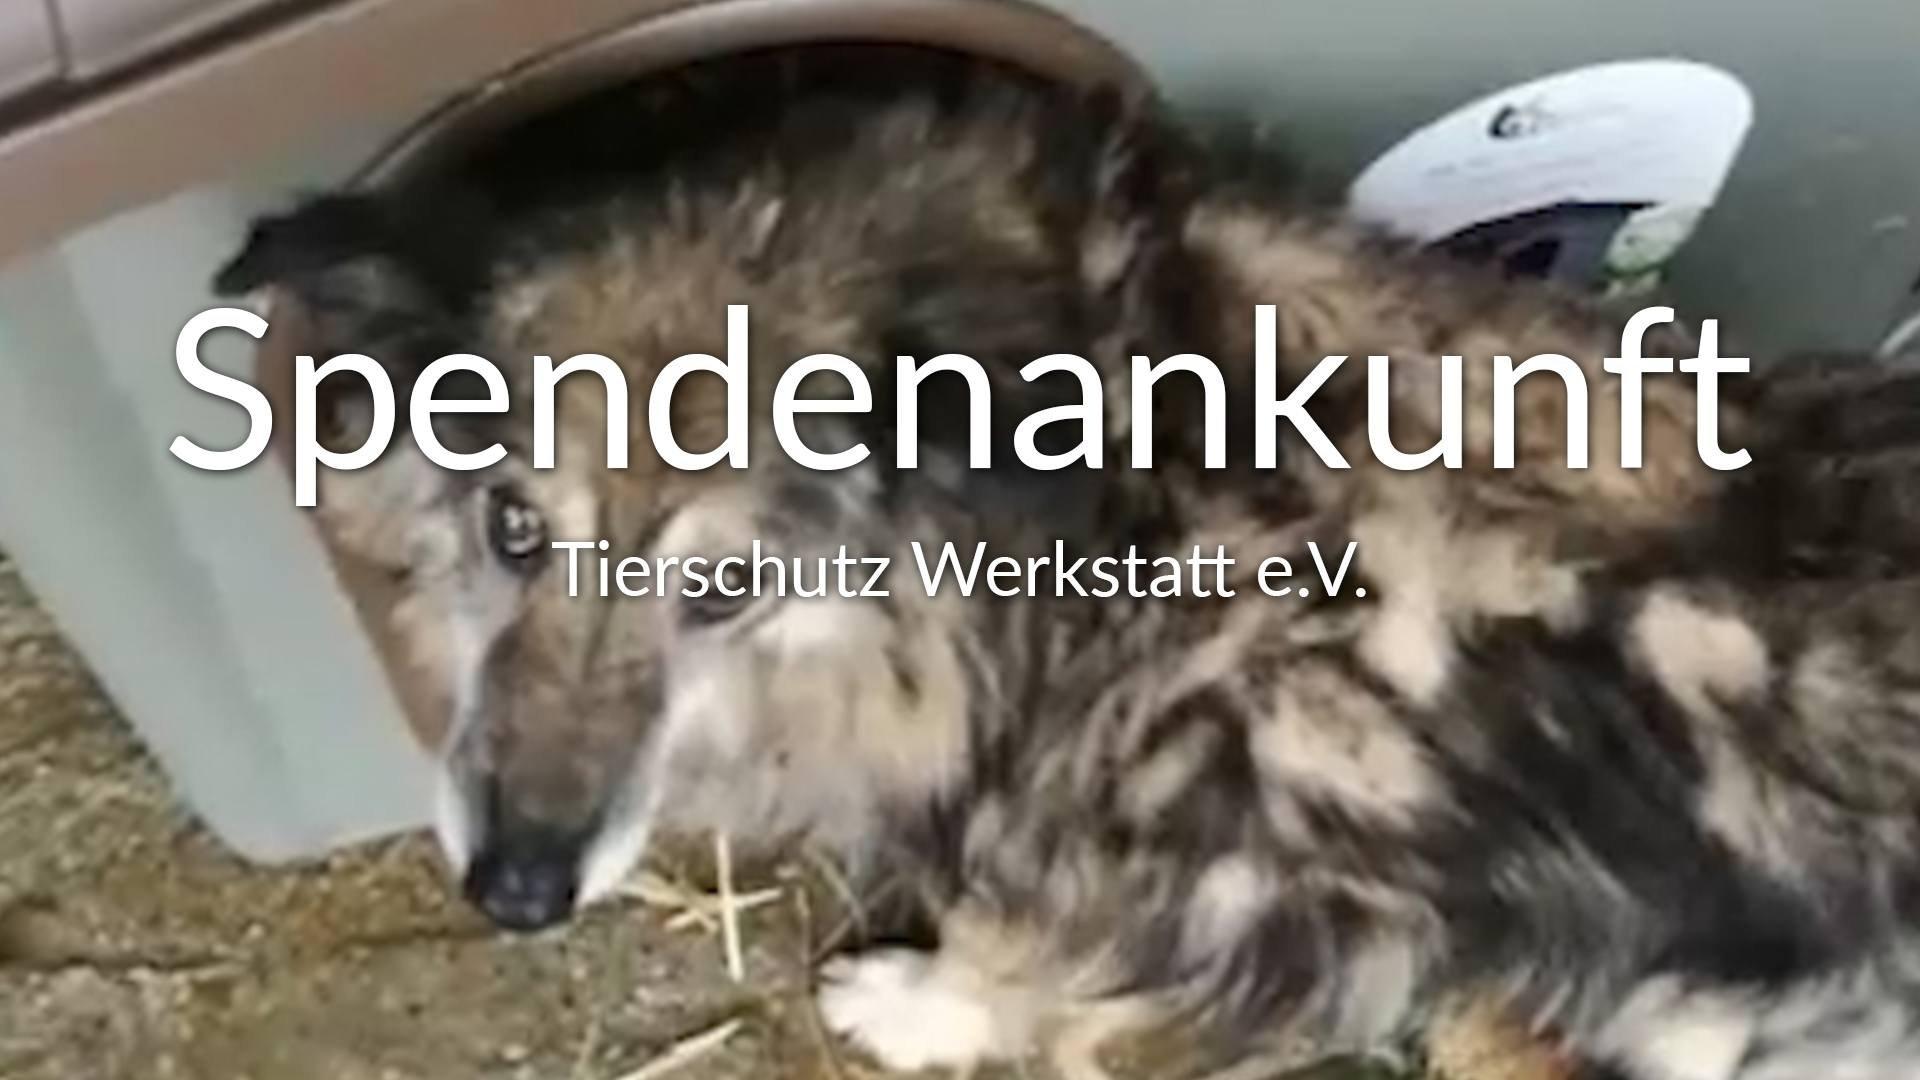 Tierschutz Werkstatt eV_1